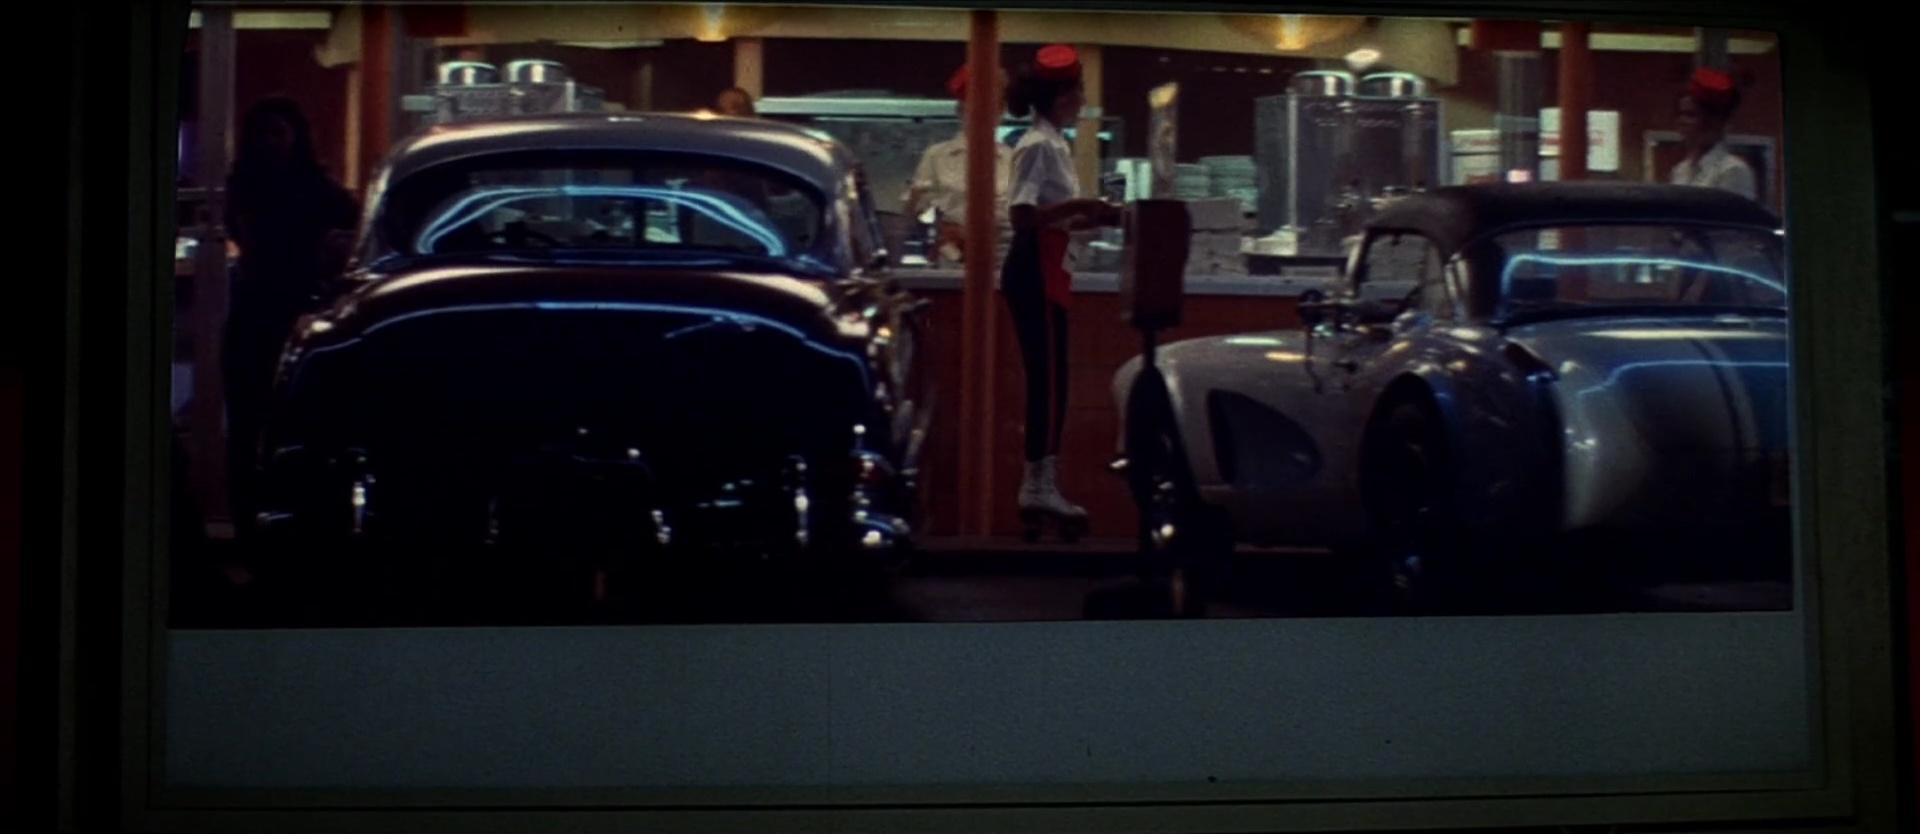 Airport 1975 film still 4